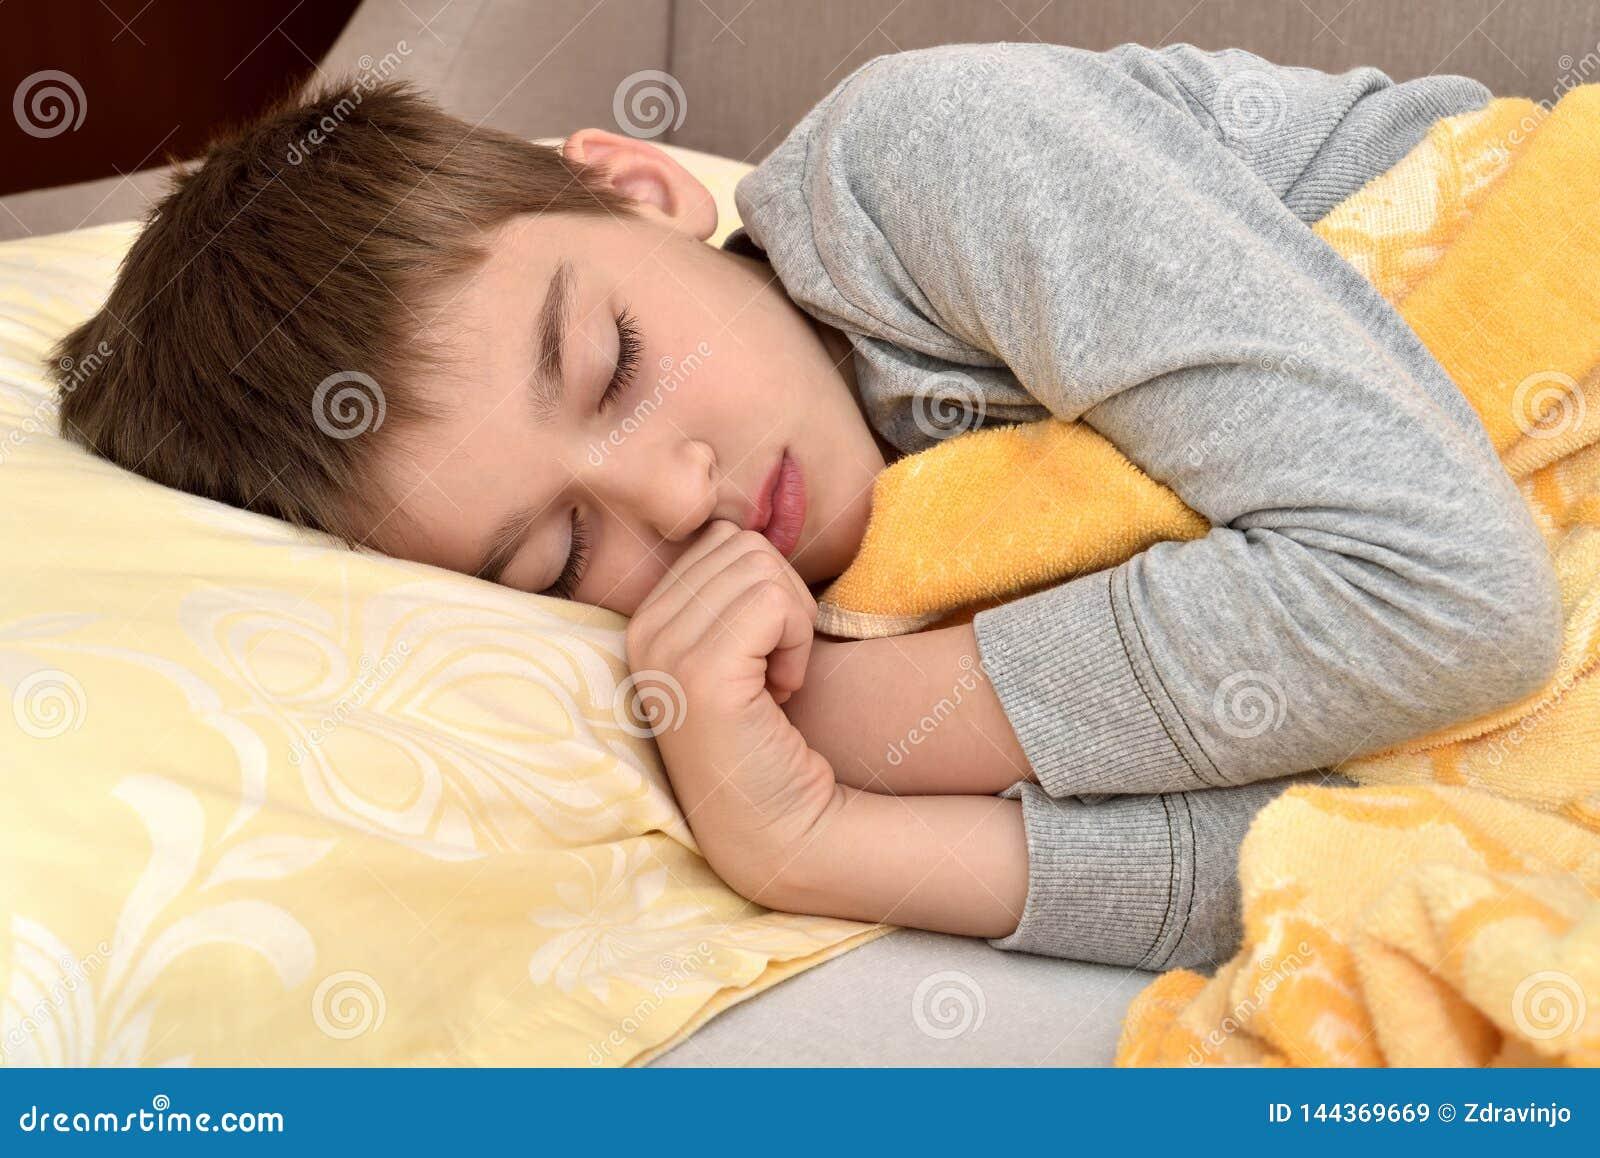 Sleeping twinks